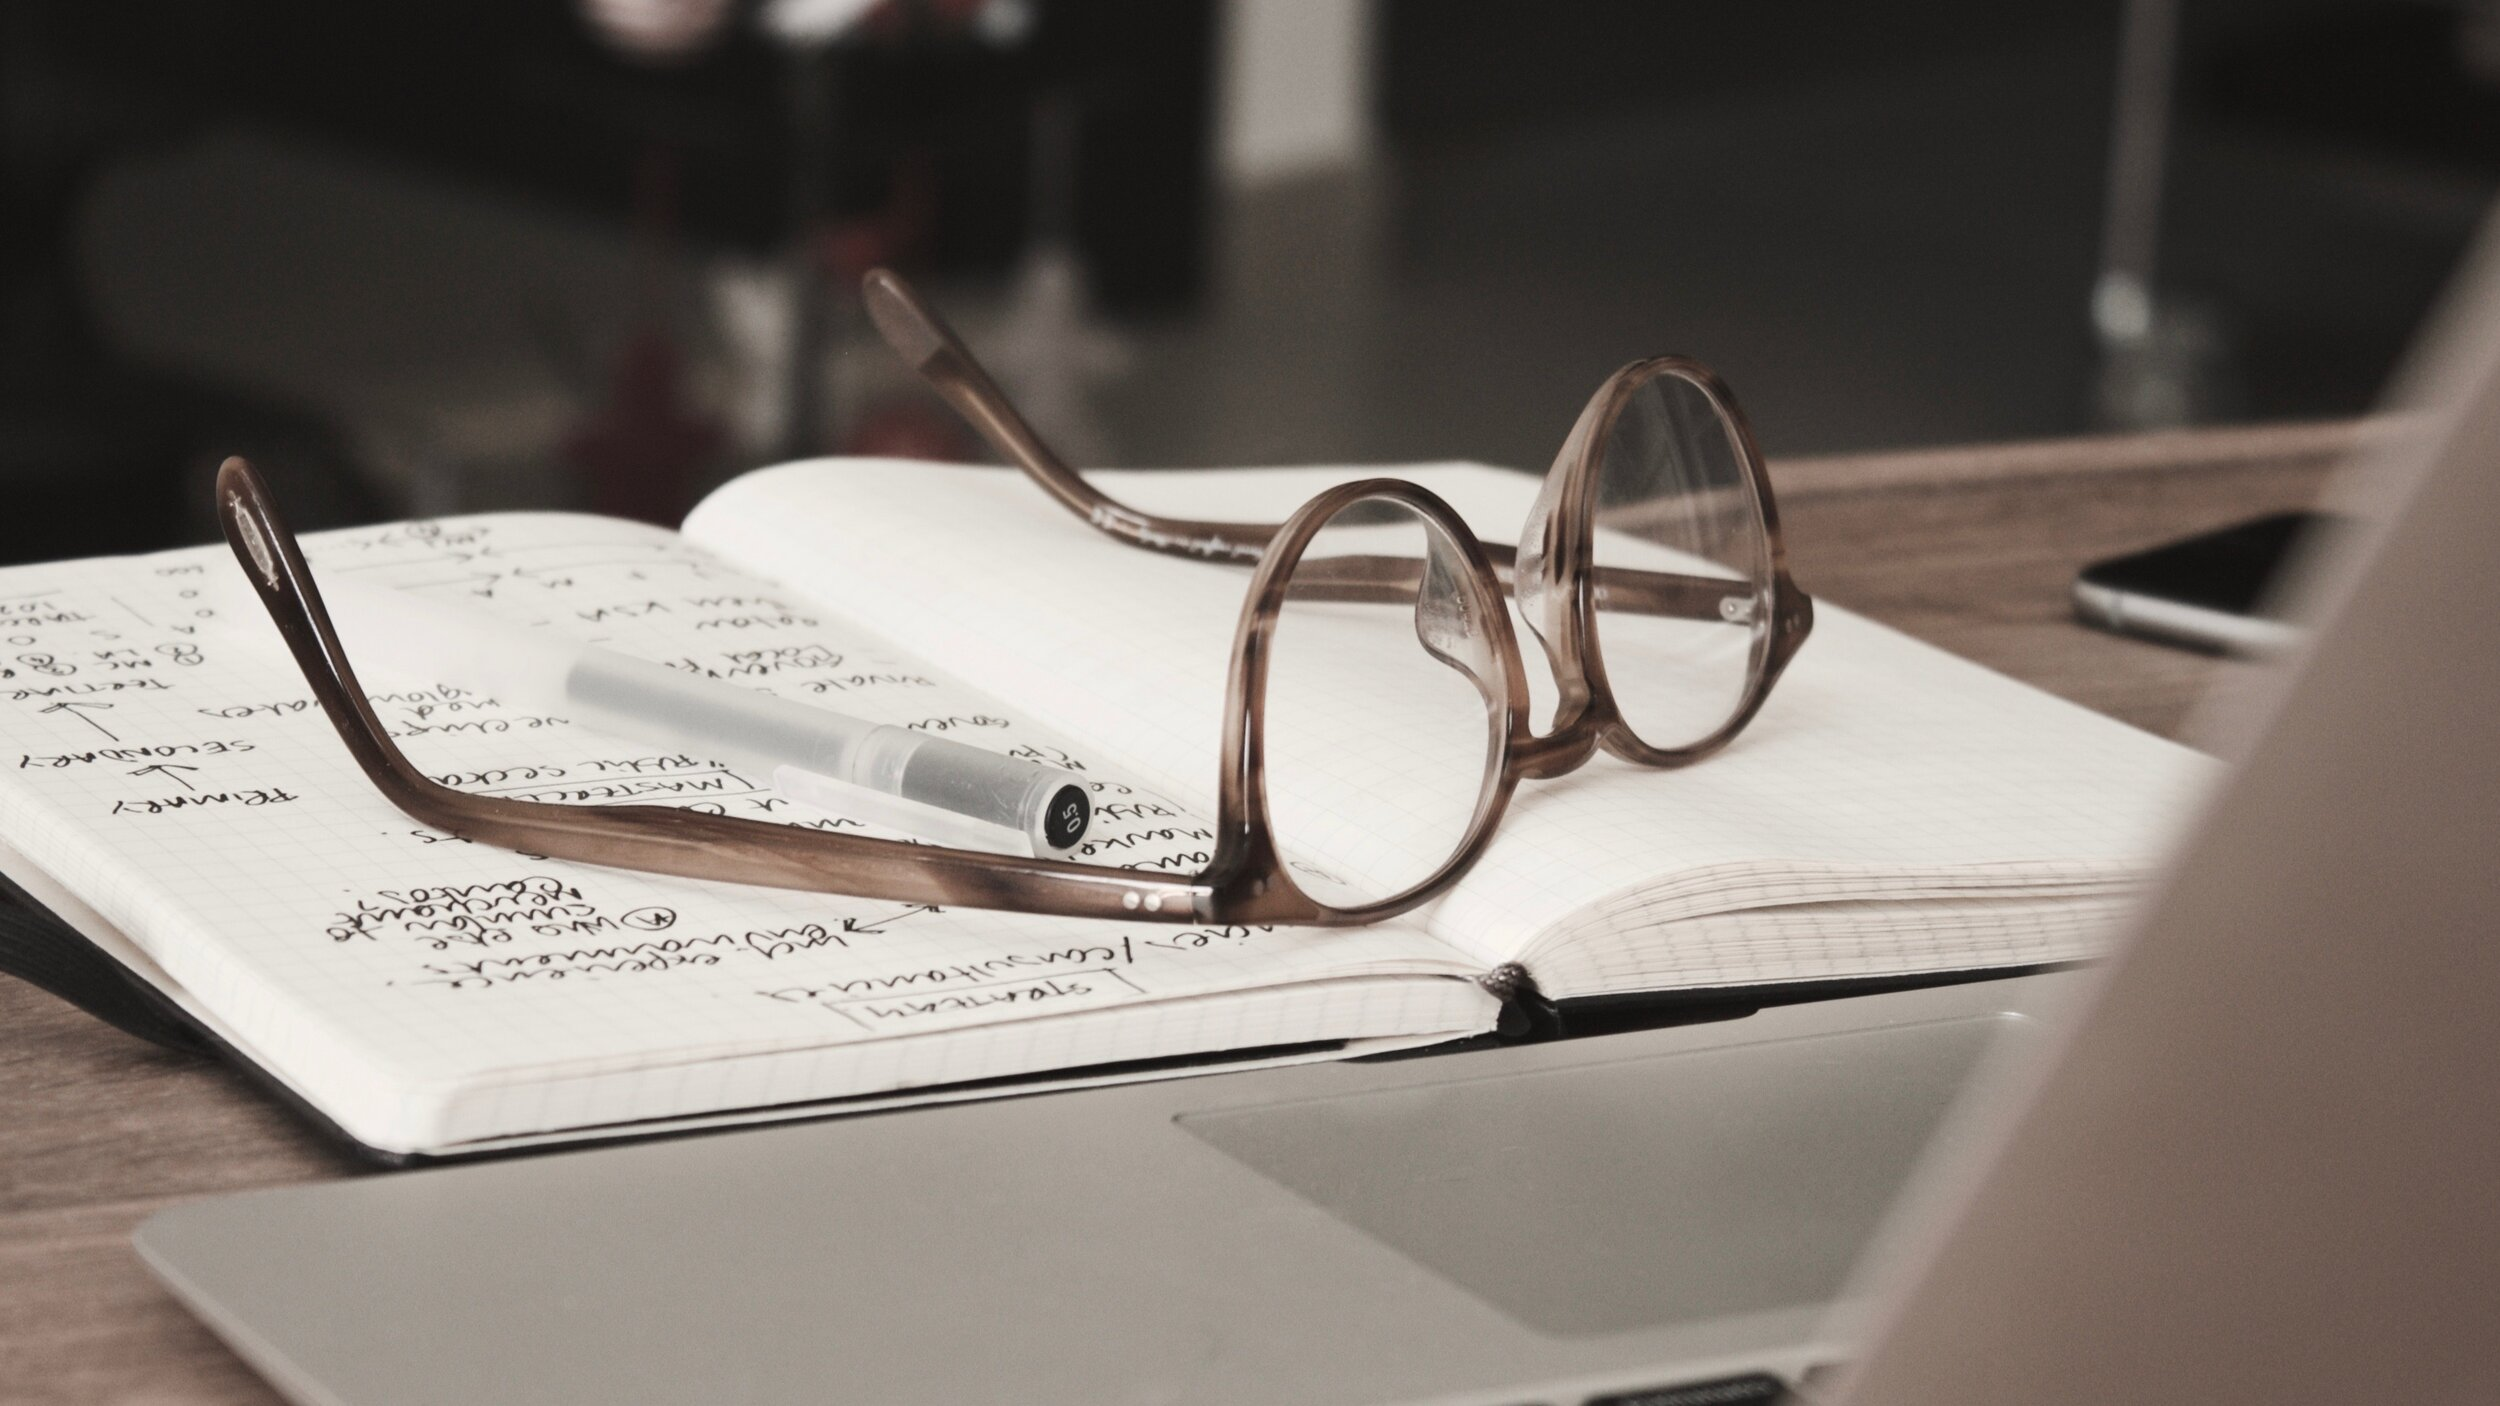 CSR Beratung & VorträgeWir zeigen Ihnen die Möglichkeiten und Chancen auf, die ein CSR Management System Ihrem Unternehmen bieten kann, zum Beispiel in einem Impulsvortrag vor der Geschäfts- oder Projektleitung. -